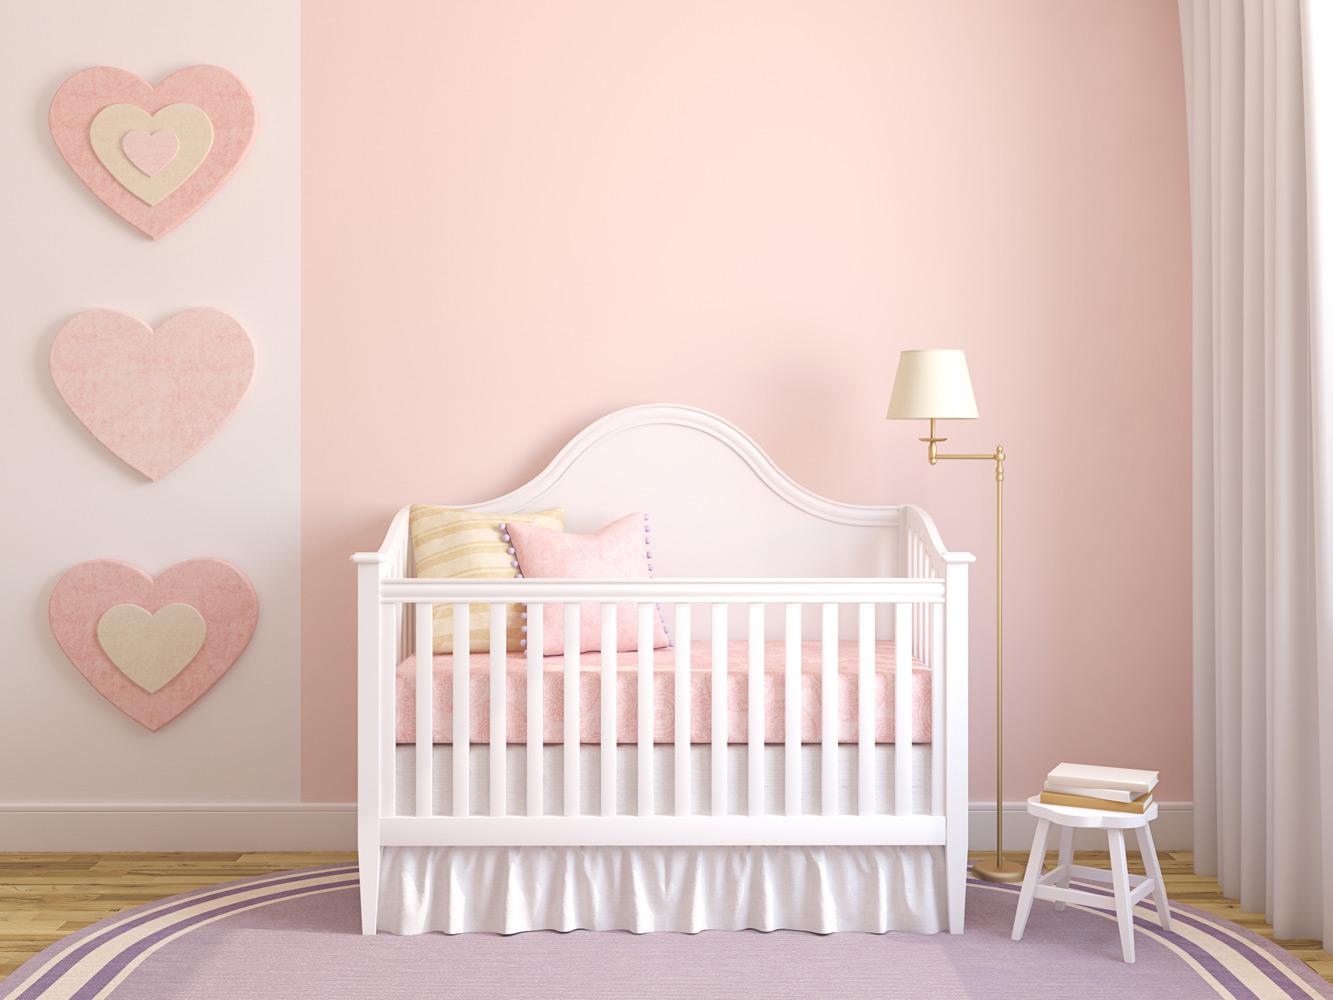 revistas de decoracao de interiores quartos:Glória Cabo Arquitetura e Paisagismo: Ambientação – Quarto do bebê